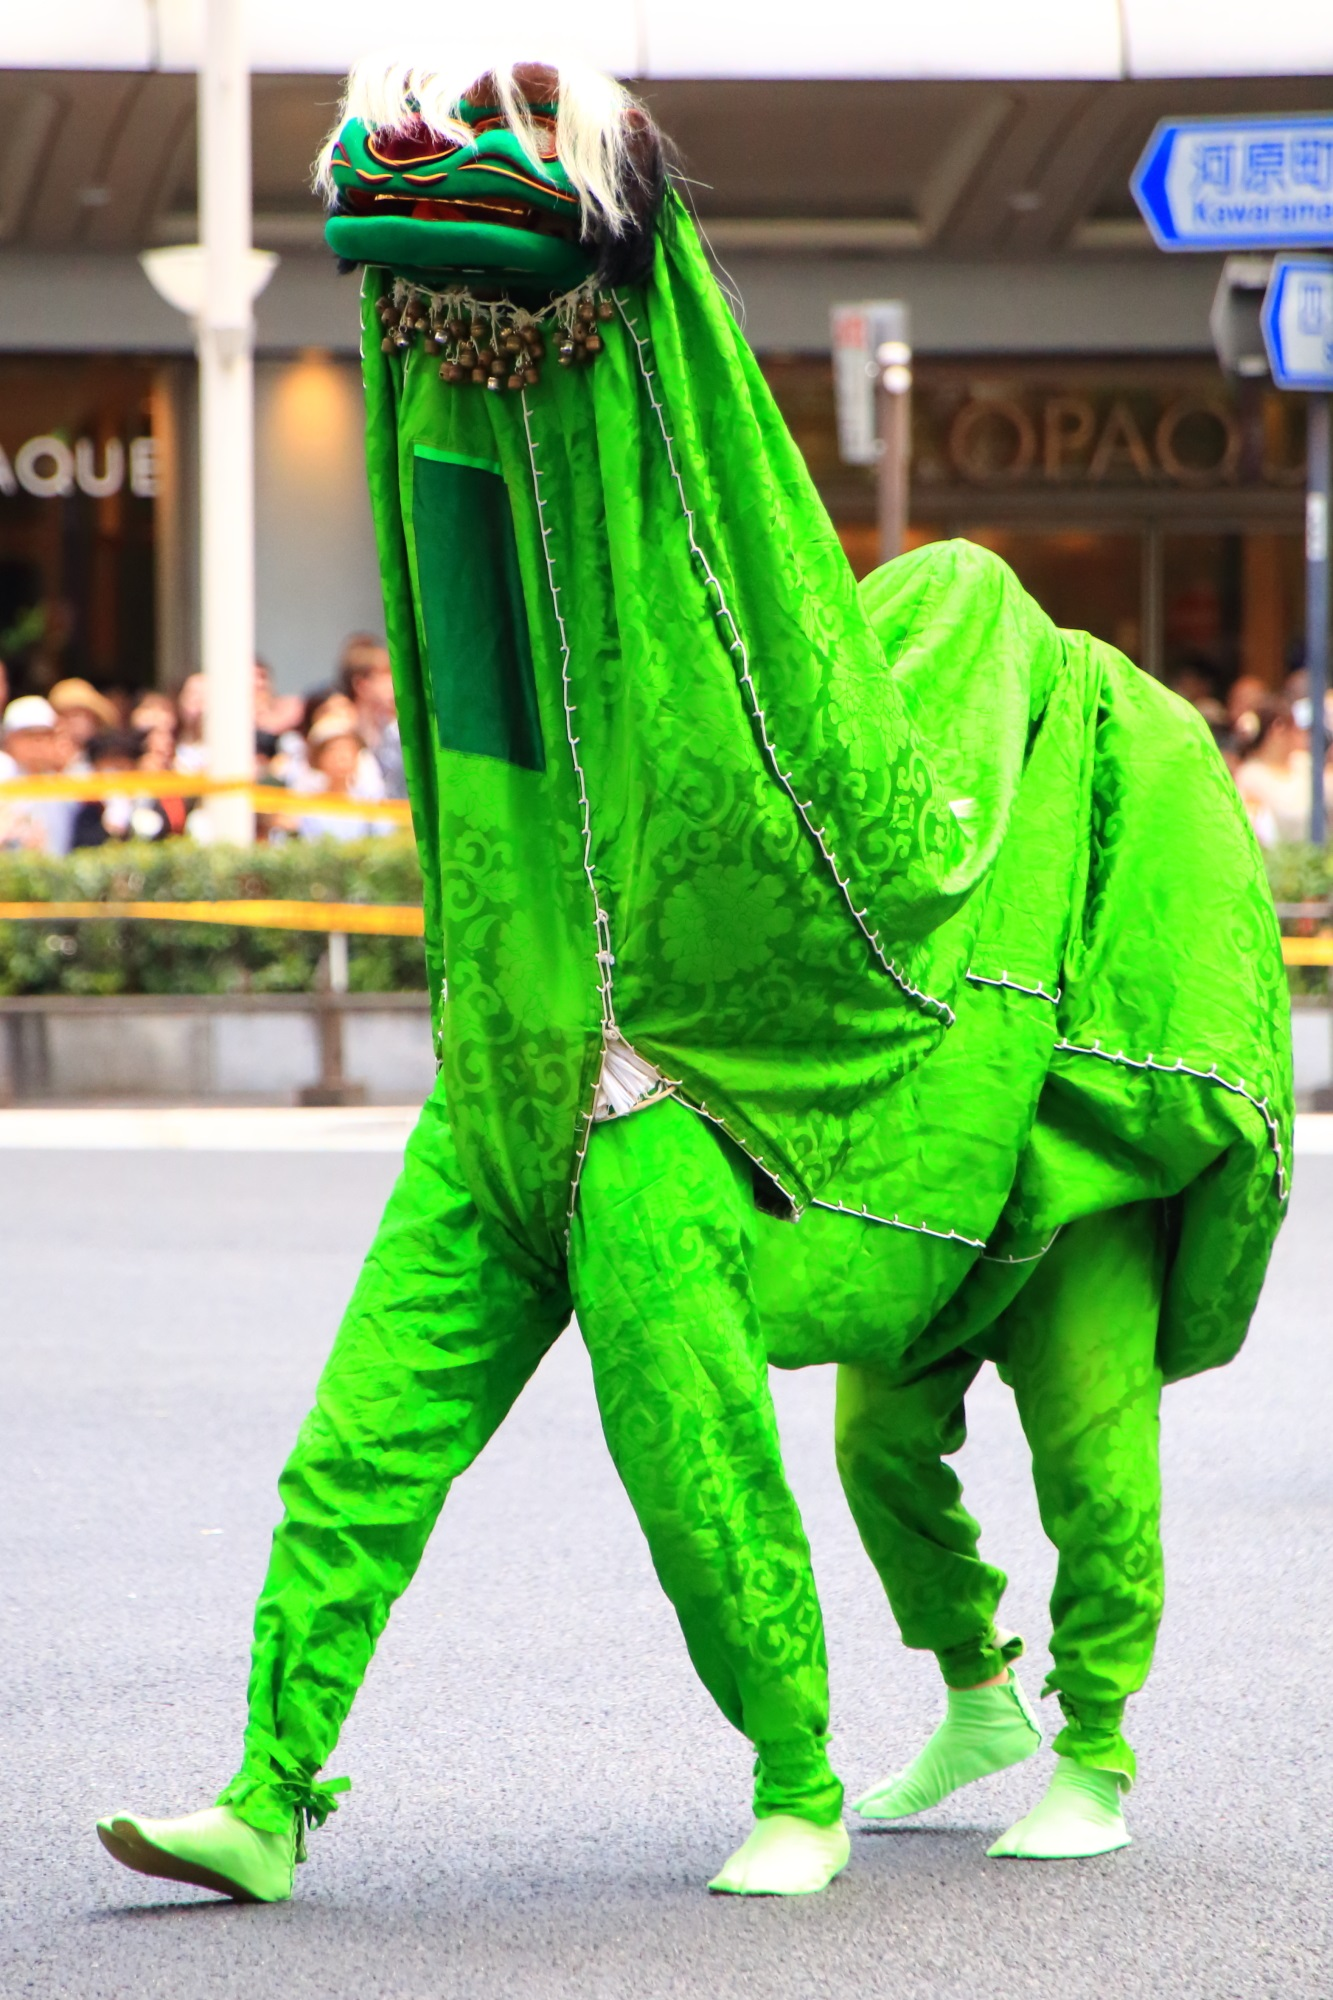 祇園祭の花傘巡行の緑の獅子舞